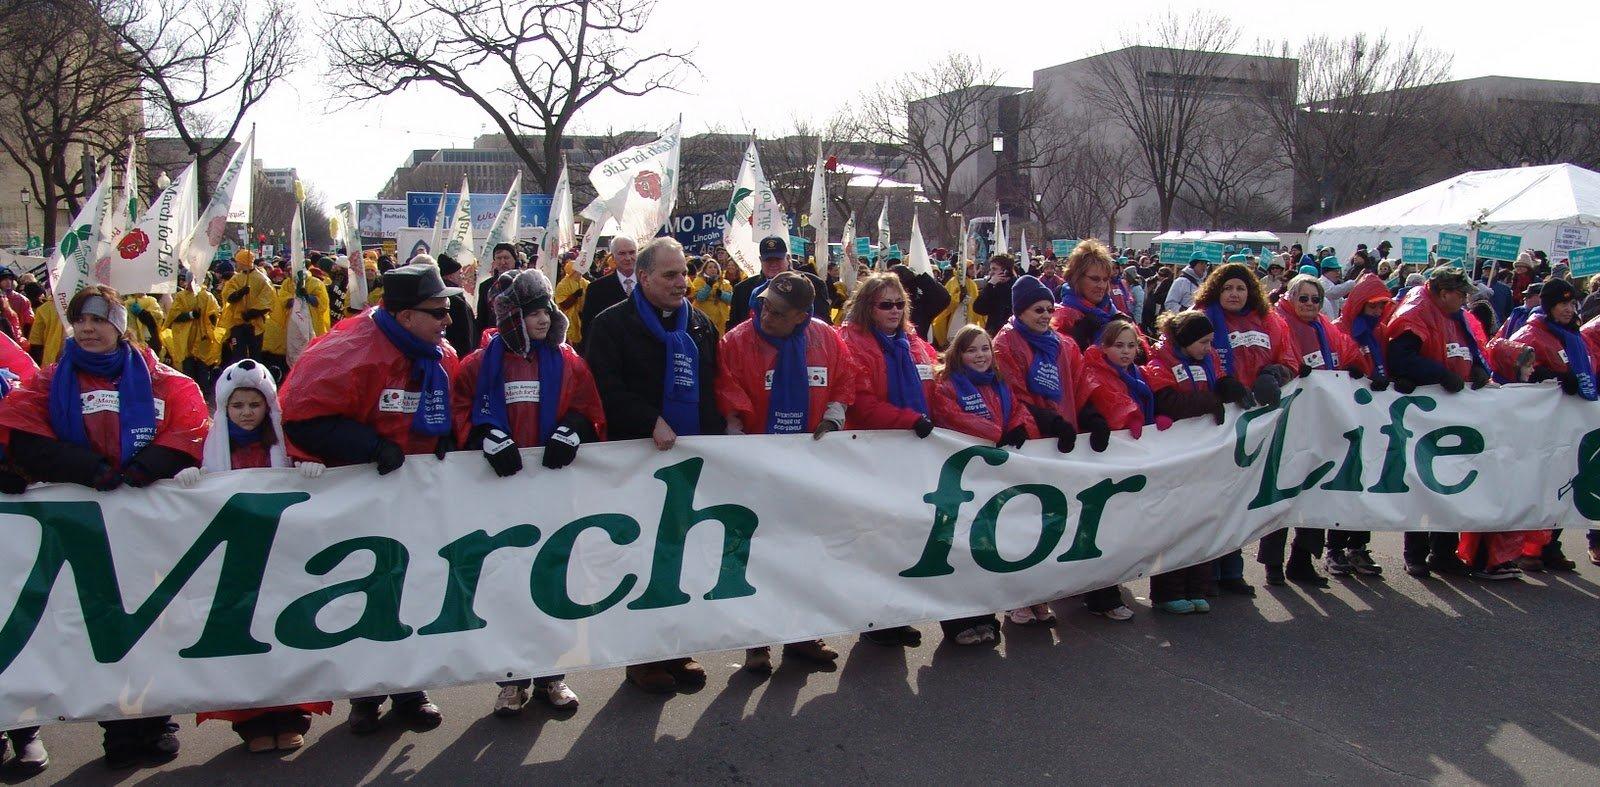 Como todo ano: imensa manifestação pela vida em Washington DC